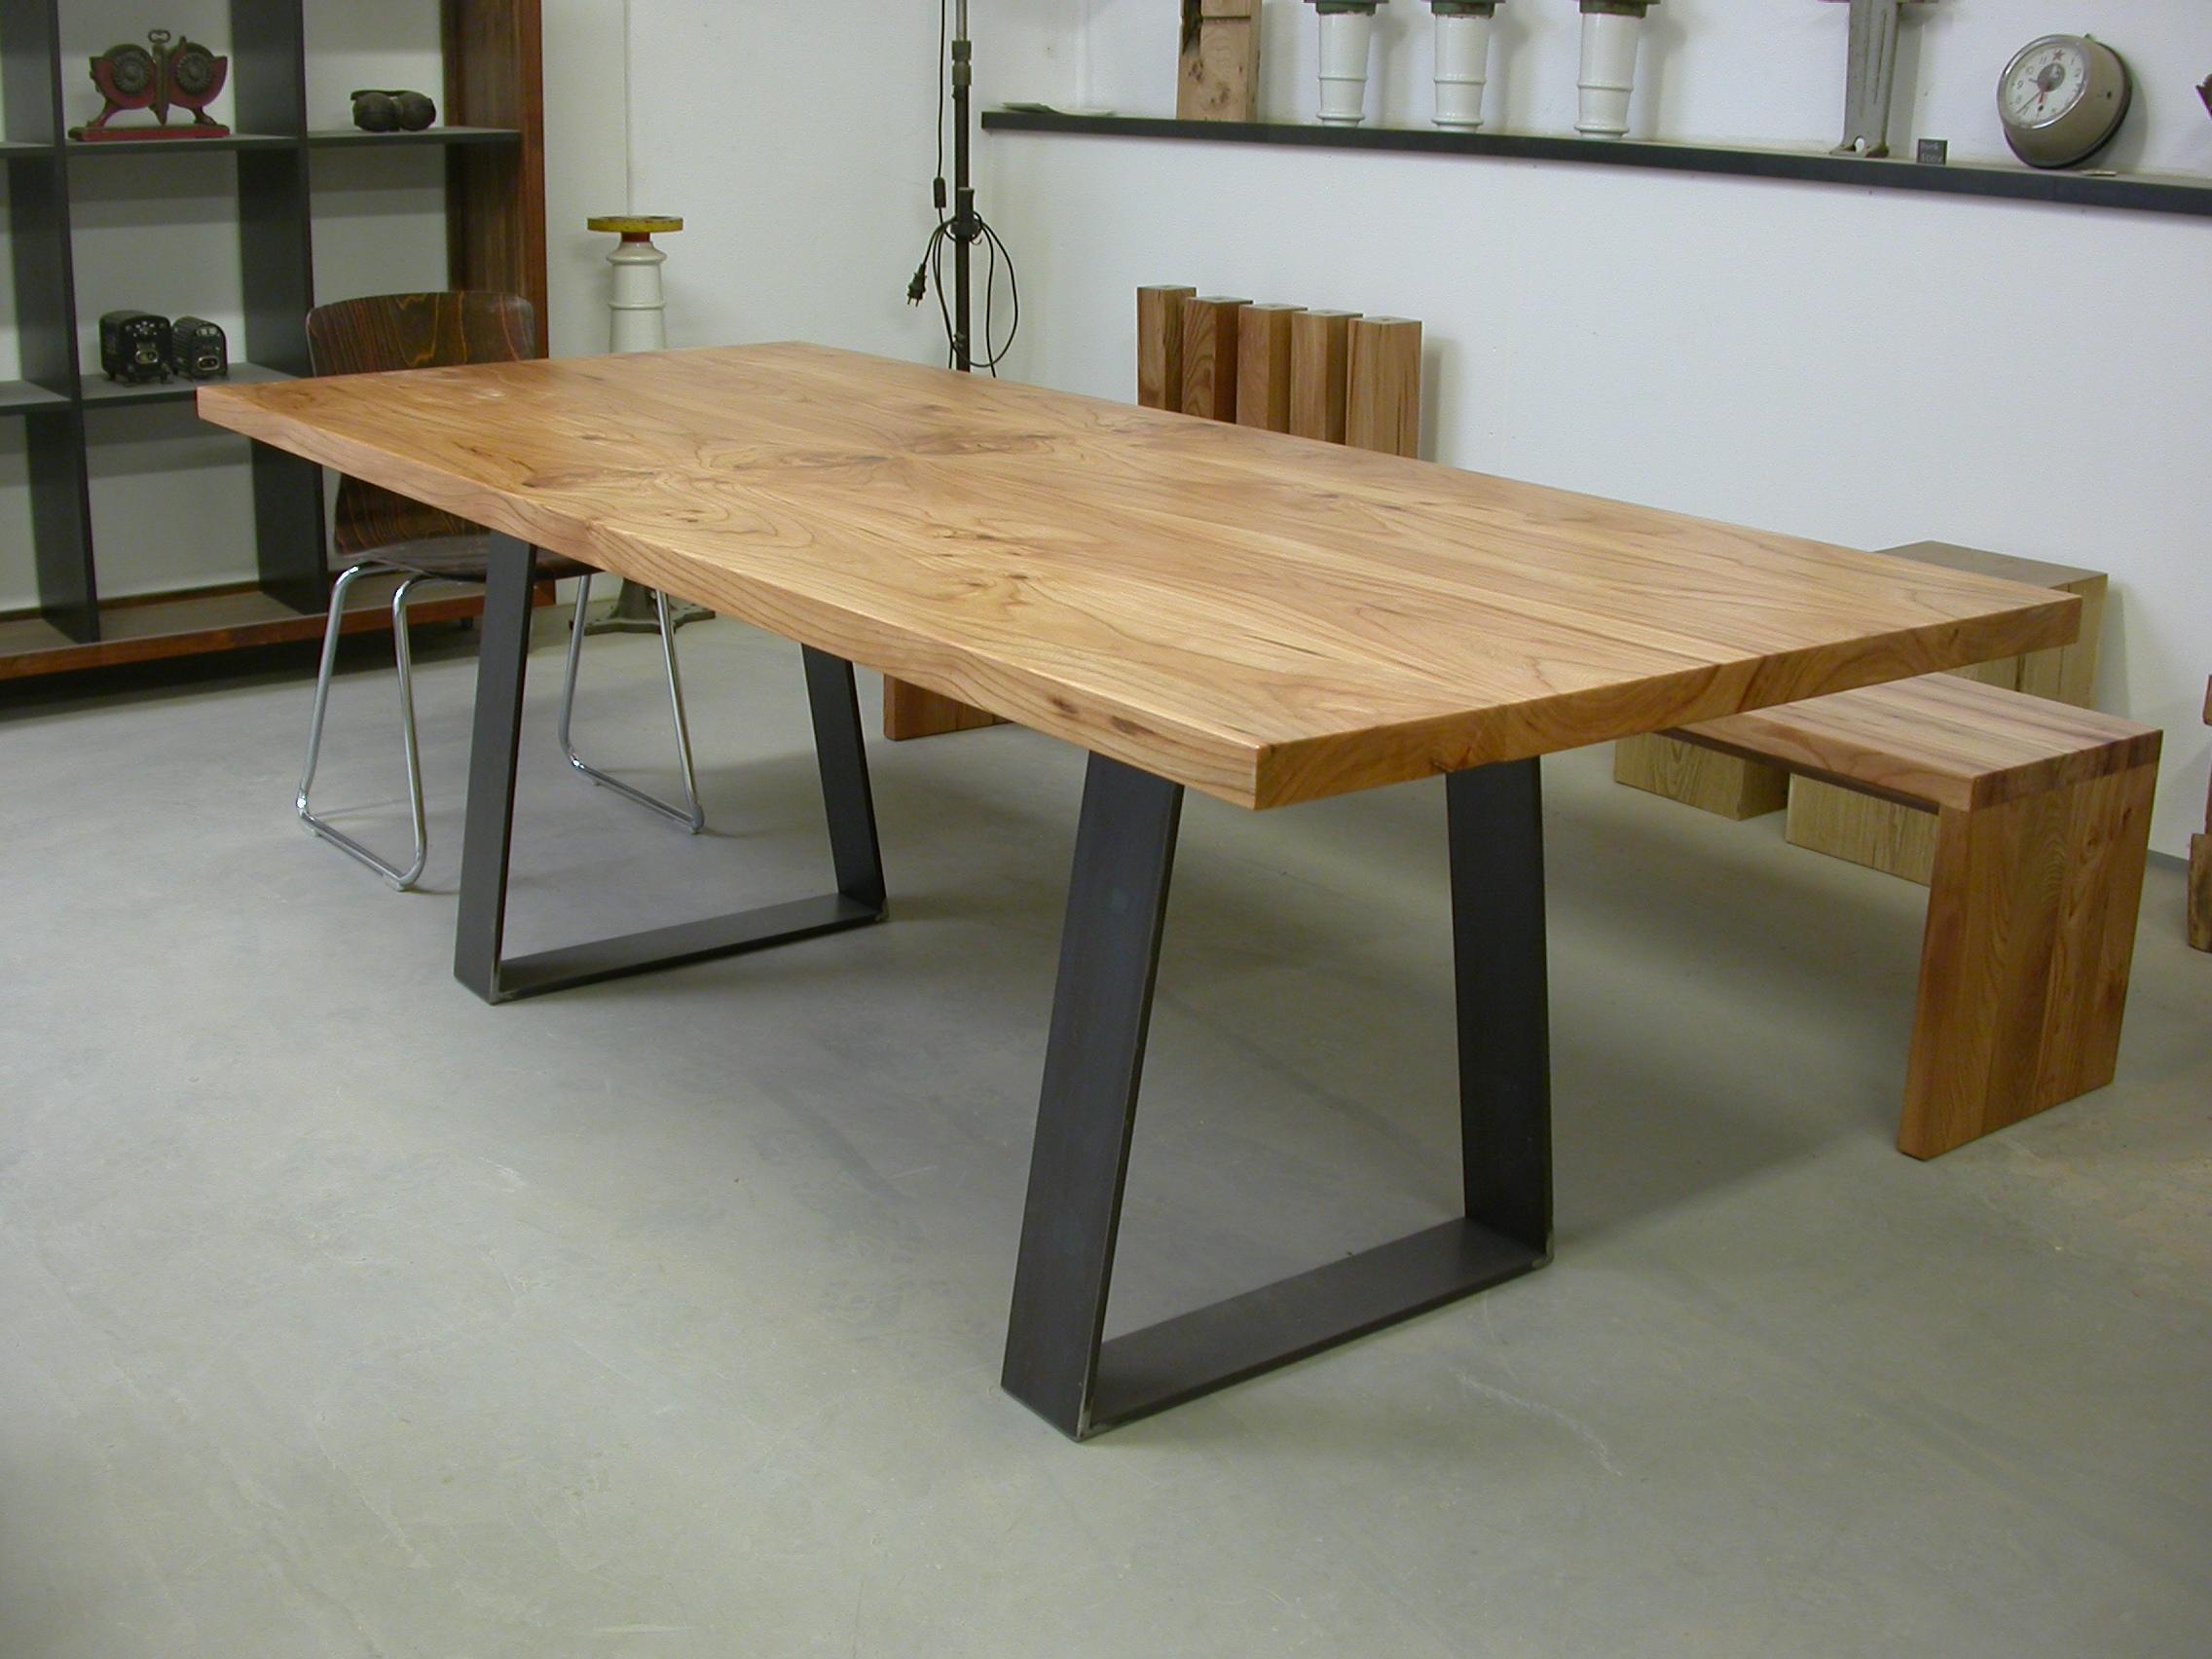 SID auf Rüster und Stahl 220 x 90 cm 1650 Euro inklusiv 19 % Umsatzsteuer Dieser SID ist verkauft!